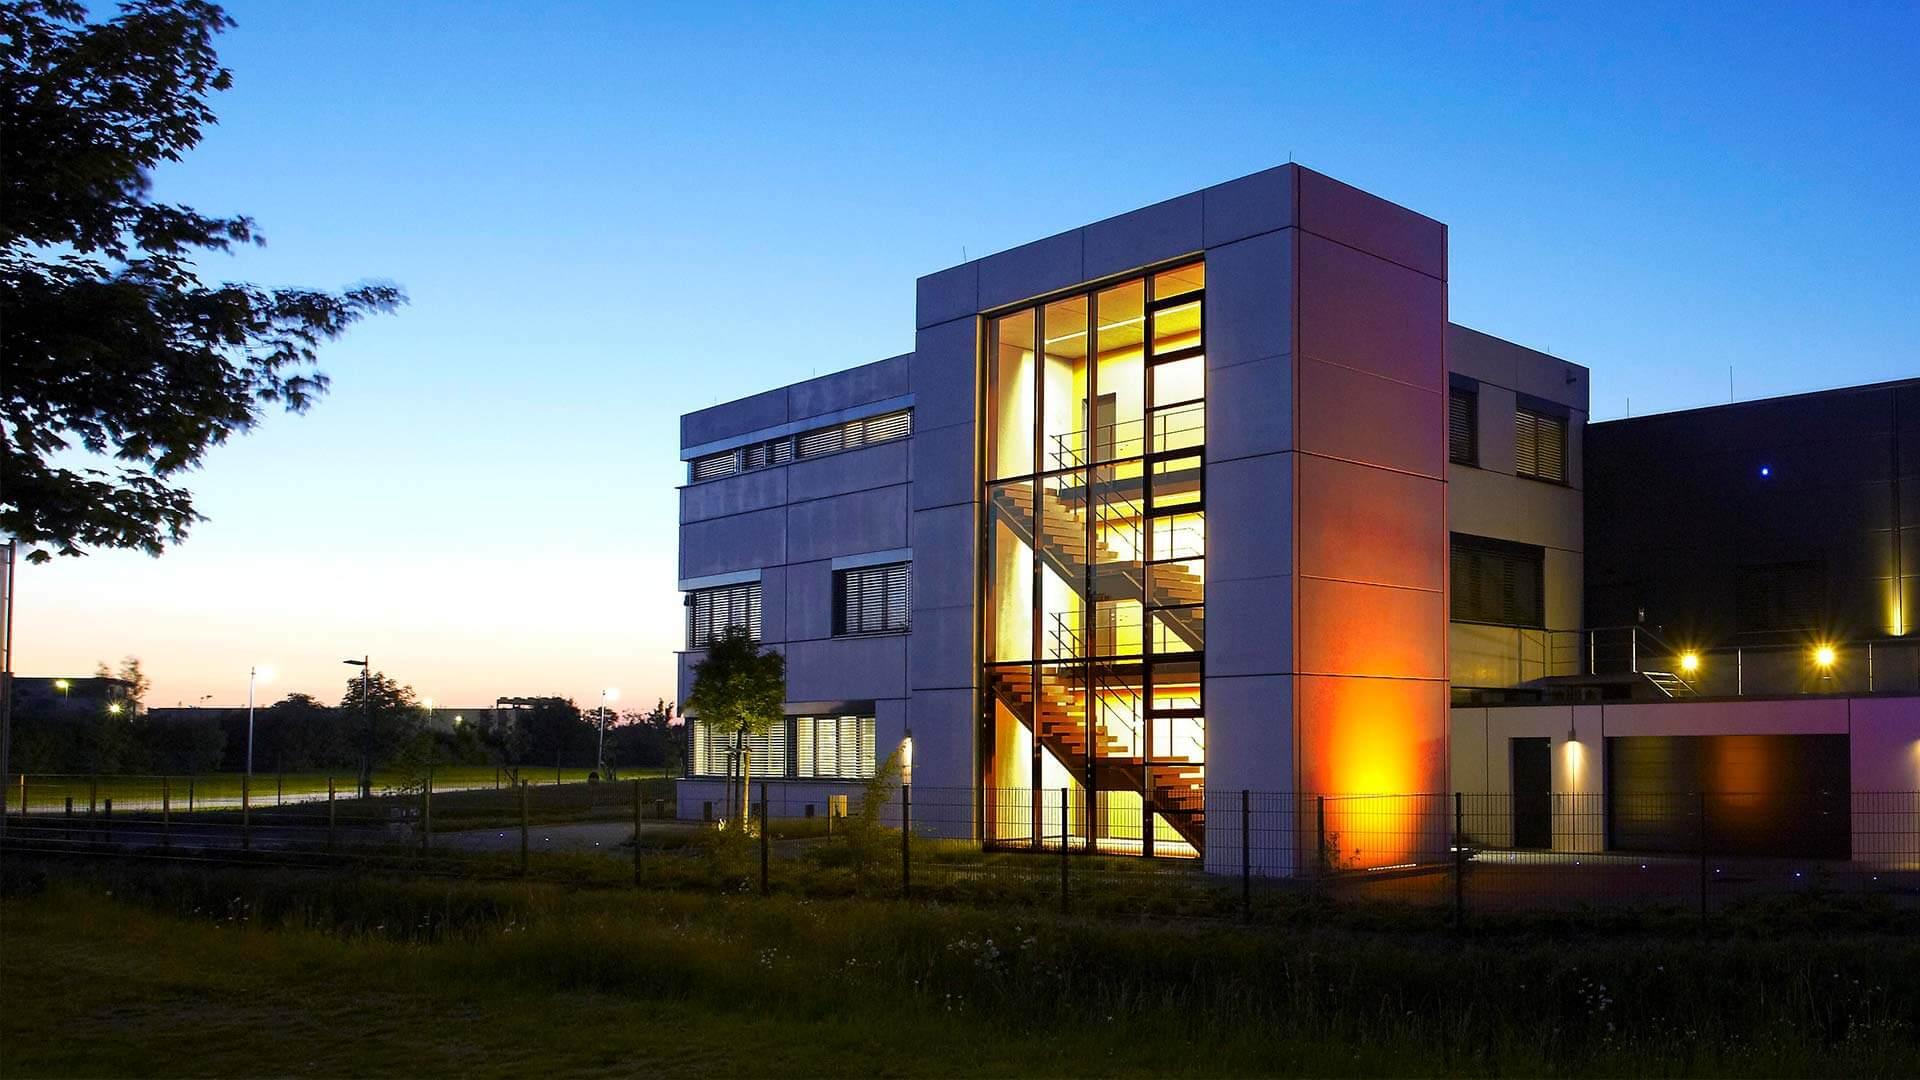 aixFOAM geluidsisolatie - De ultramoderne productiehal in Eschweiler, Duitsland